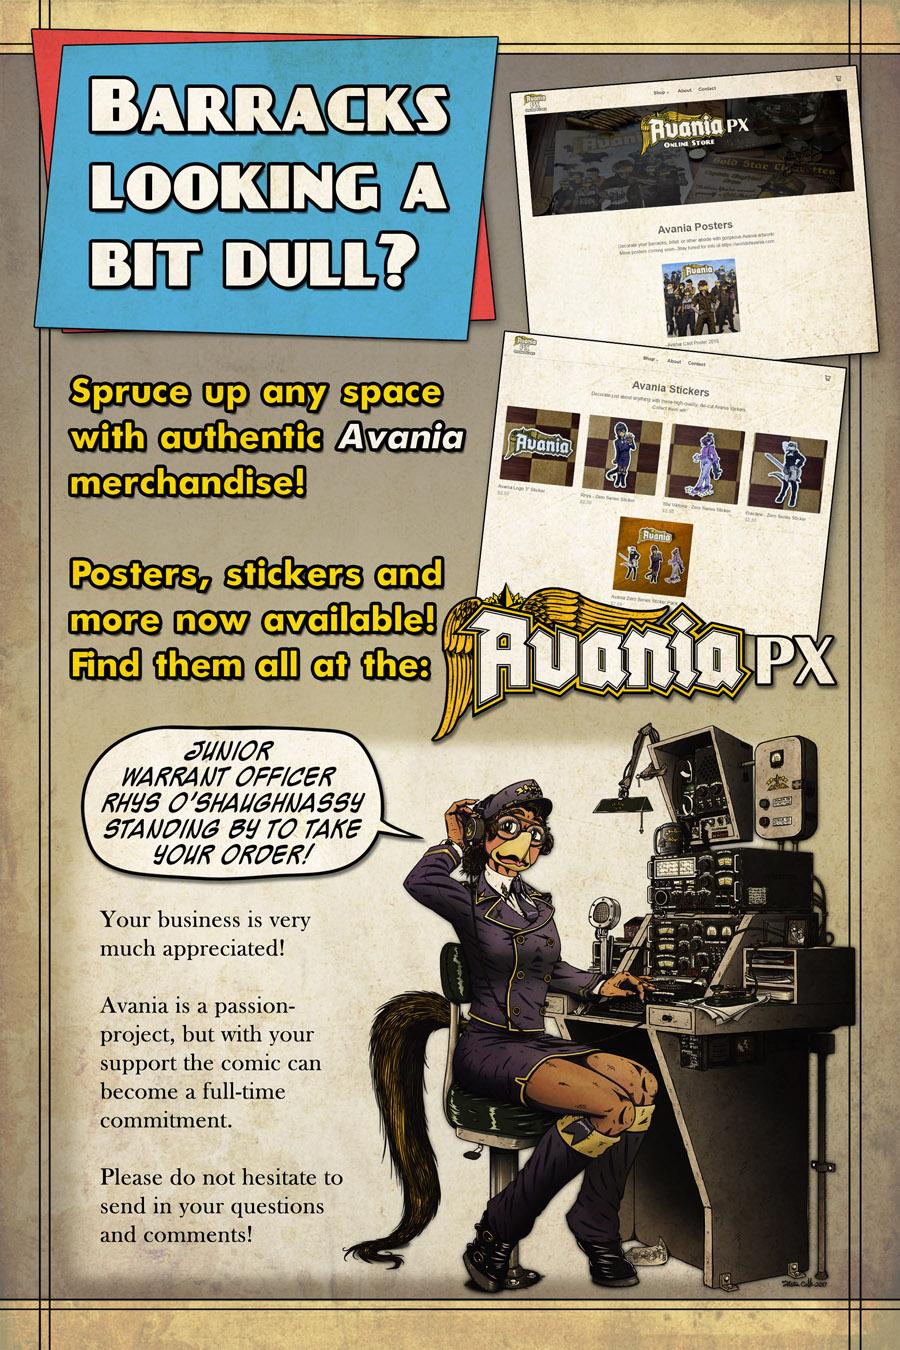 Avania PX Shameless Advertising